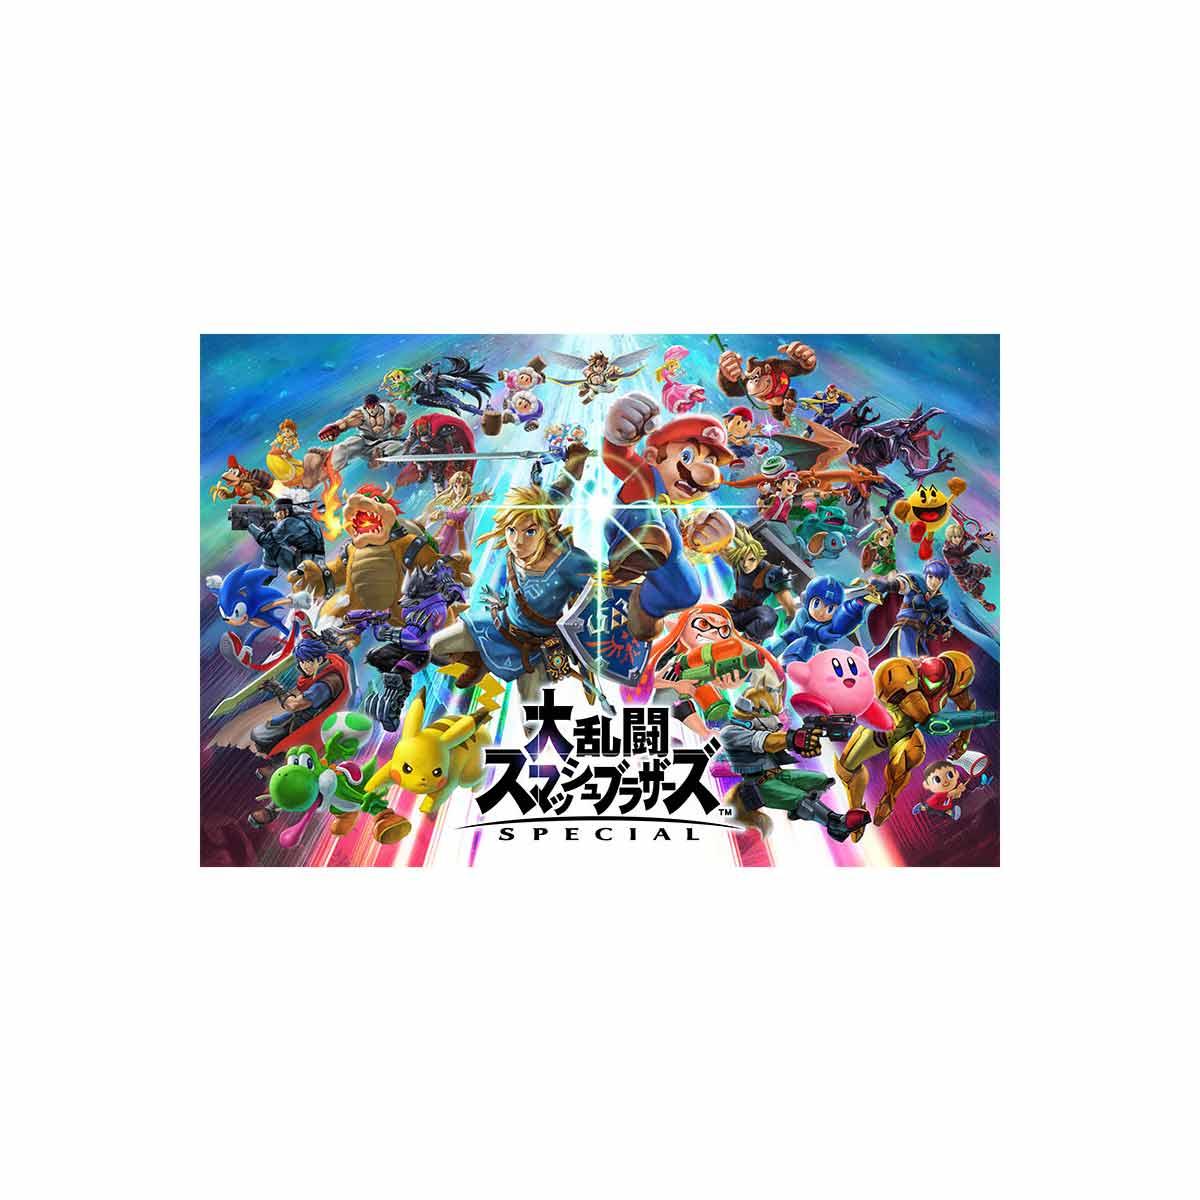 【今週発売の注目製品】任天堂から「大乱闘スマッシュブラザーズ SPECIAL」が登場